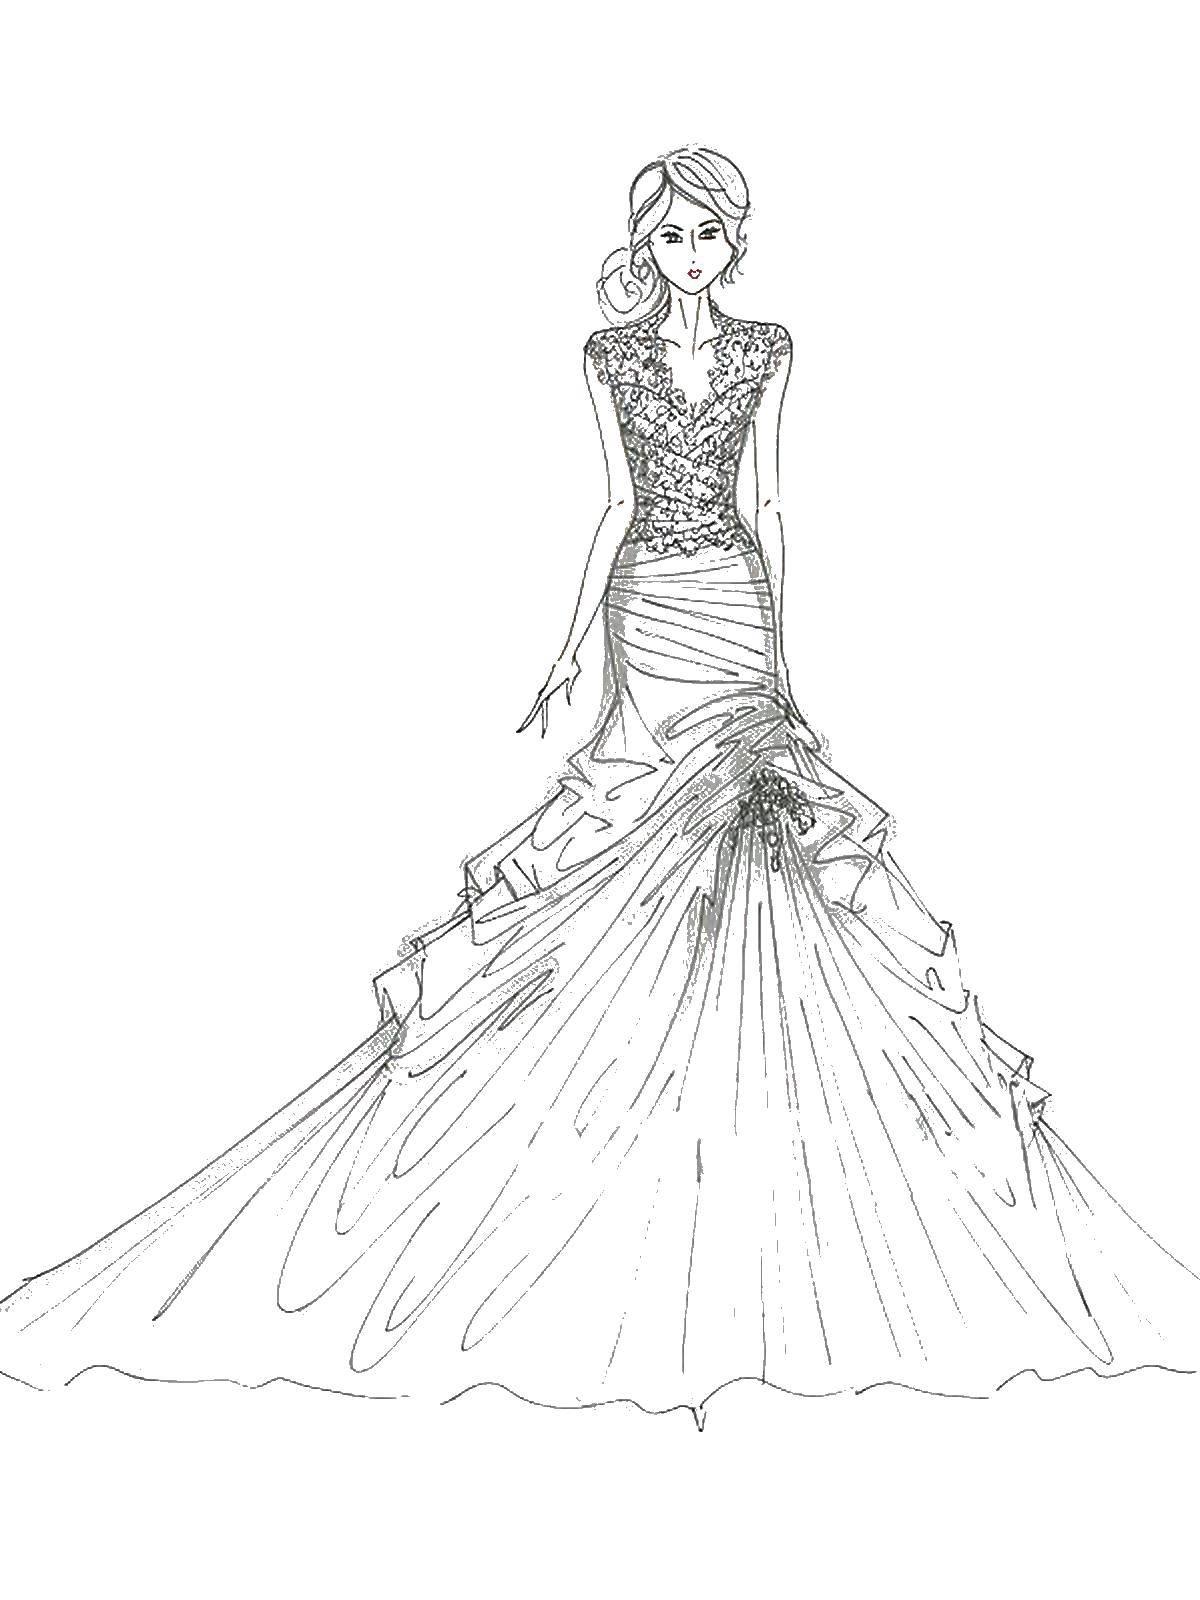 Раскраска Девушка в платье с пышным низом Скачать ,платья, девушка, пышное платье,.  Распечатать